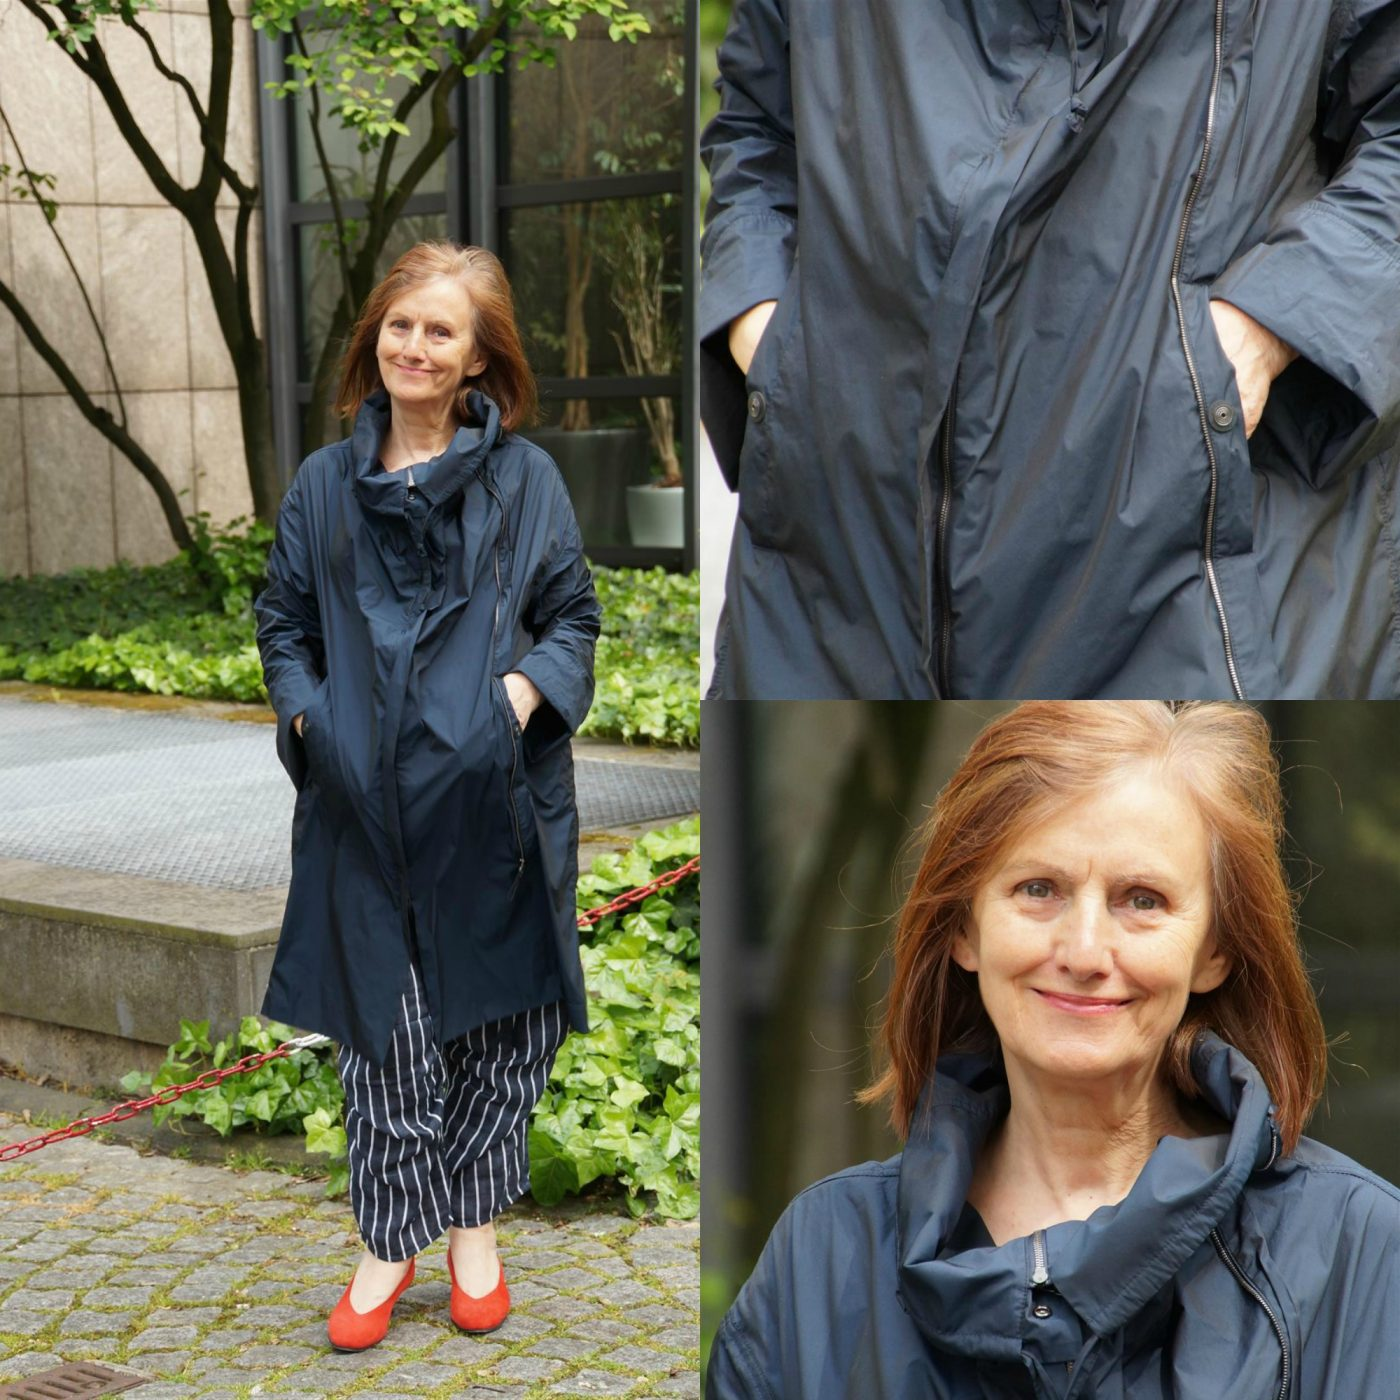 Ü60 Fashionbloggerin bei Iknmlo über Regenmantel von Annette Görtz